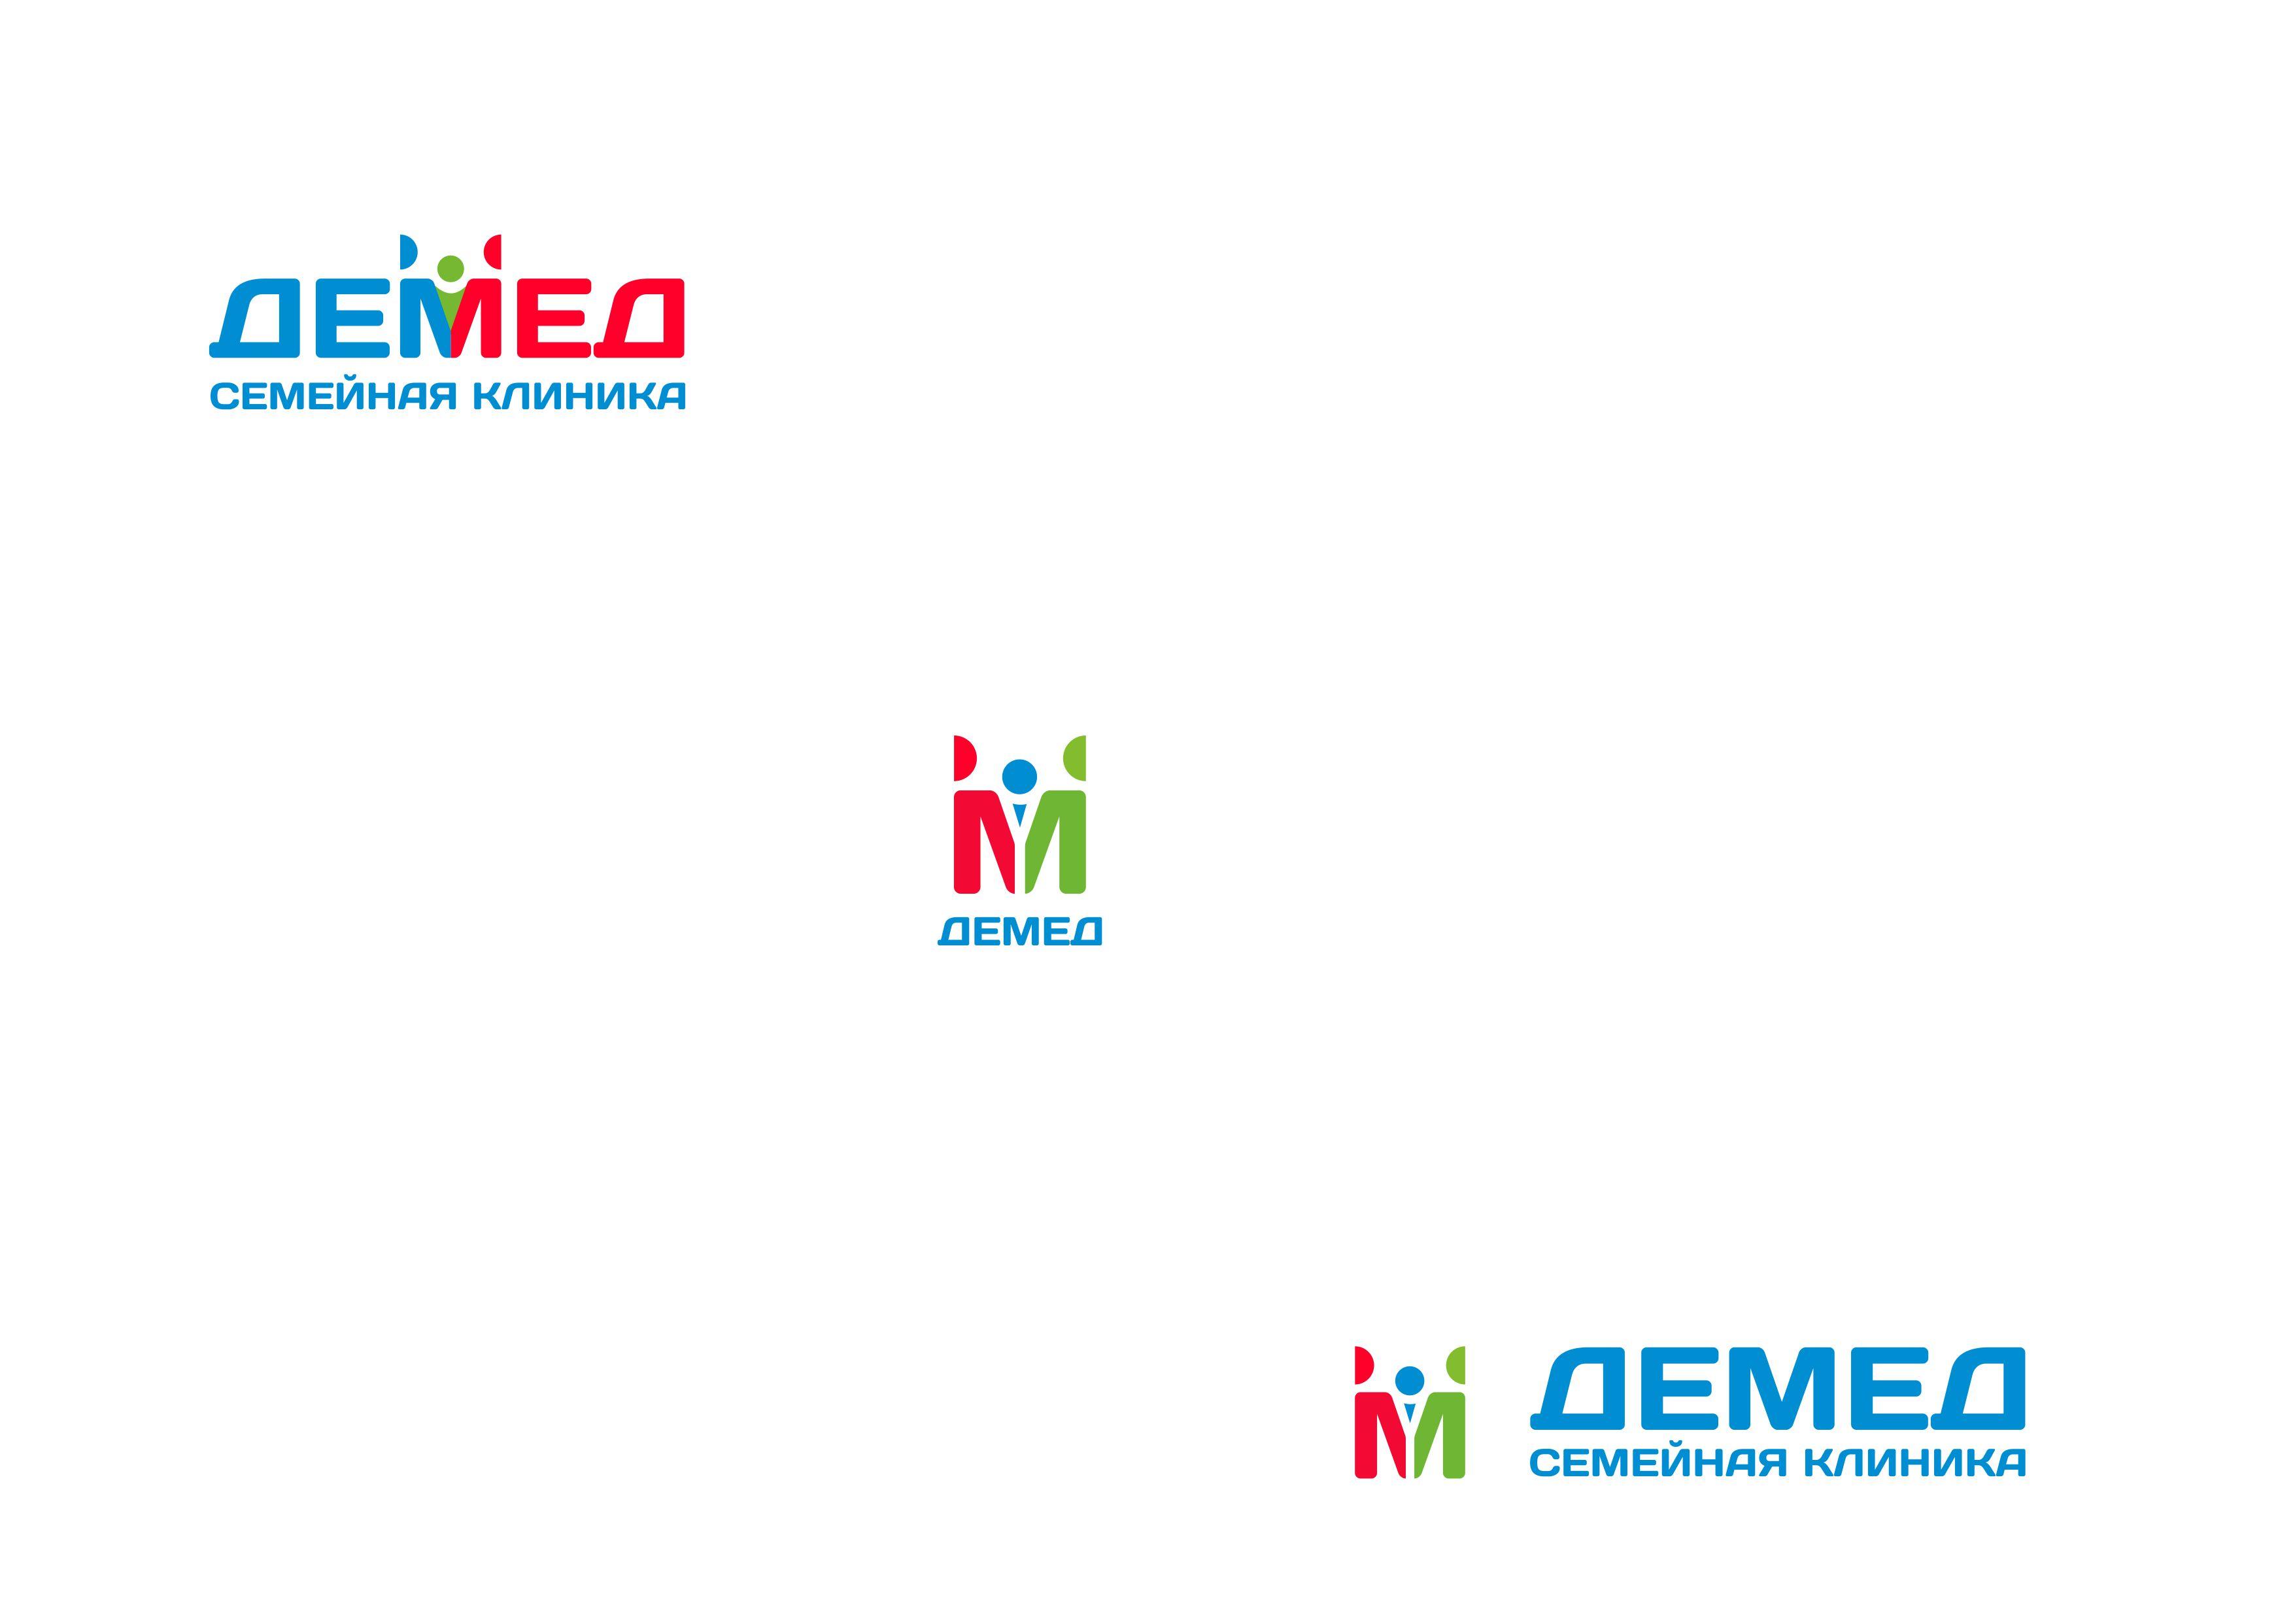 Логотип медицинского центра фото f_1075dcf0edb1c2d7.jpg